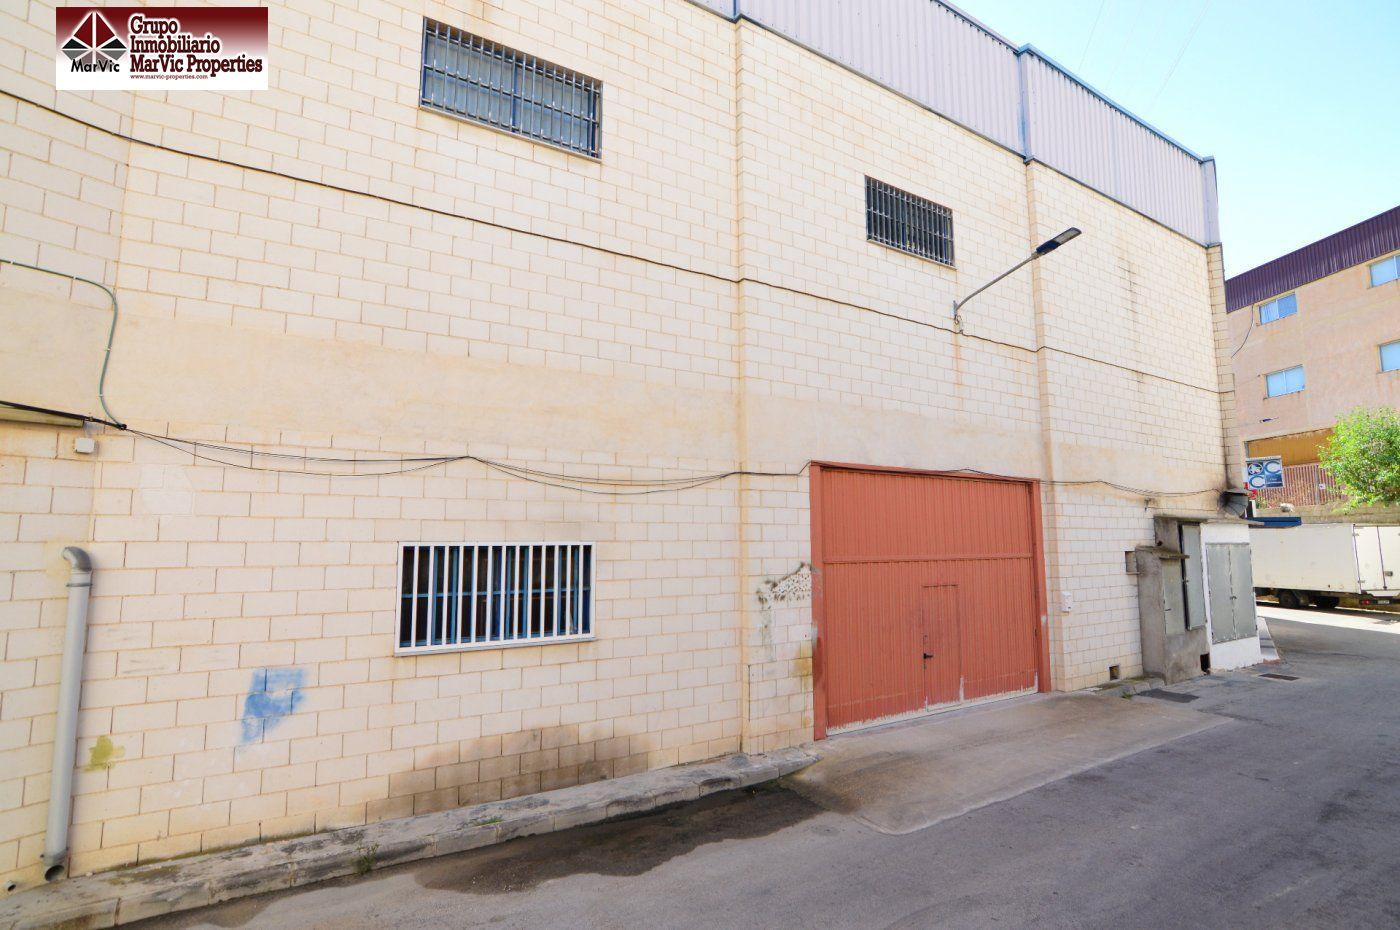 barraca industrial venta finestrat de metros cuadrados 300 en la zona de parque comercial la marina ref 02443